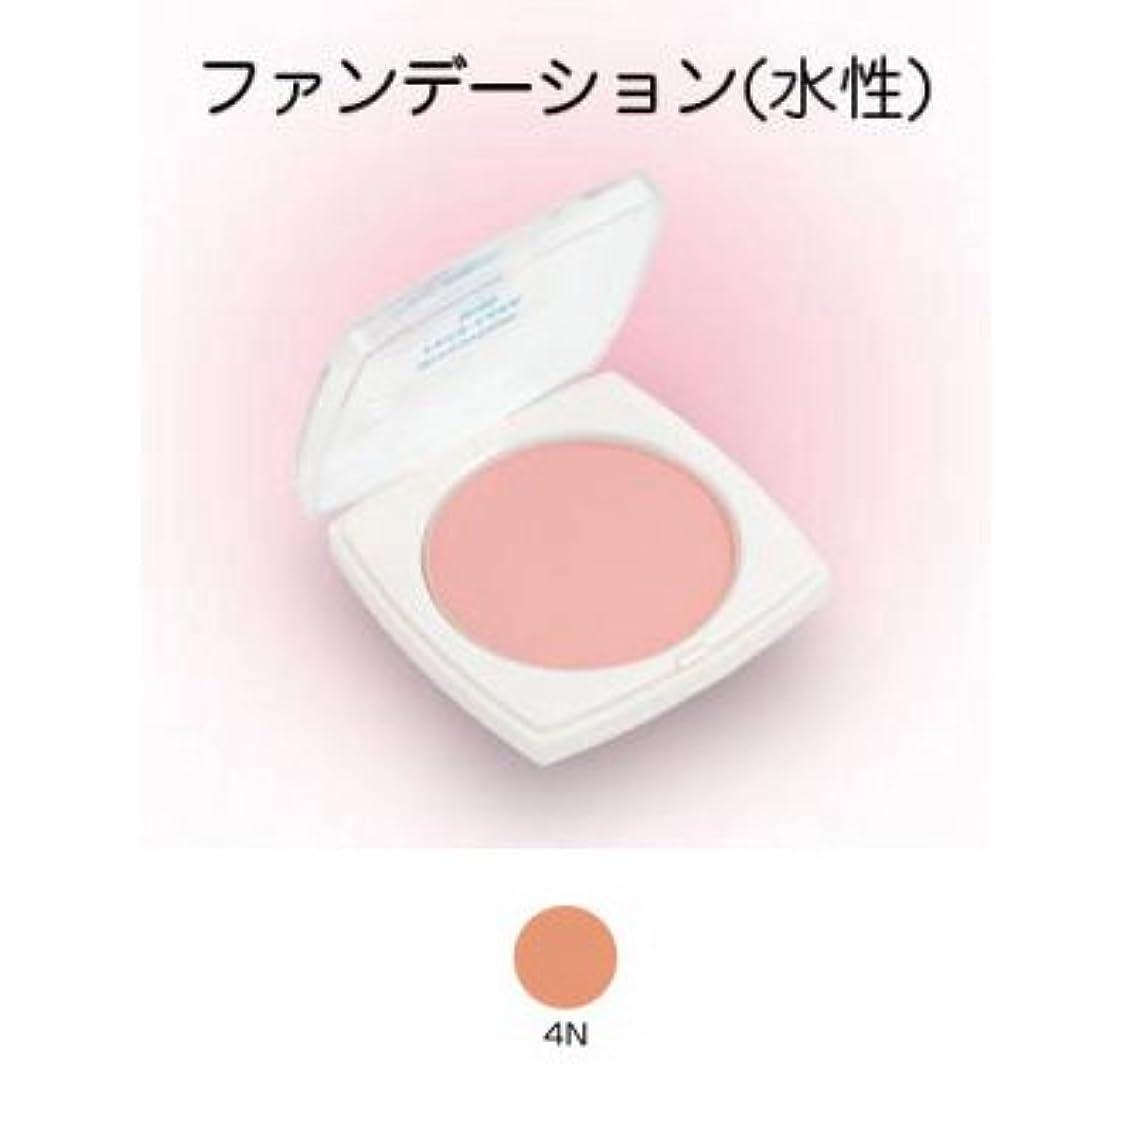 ヘクタールサミットドックフェースケーキ ミニ 17g 4N 【三善】